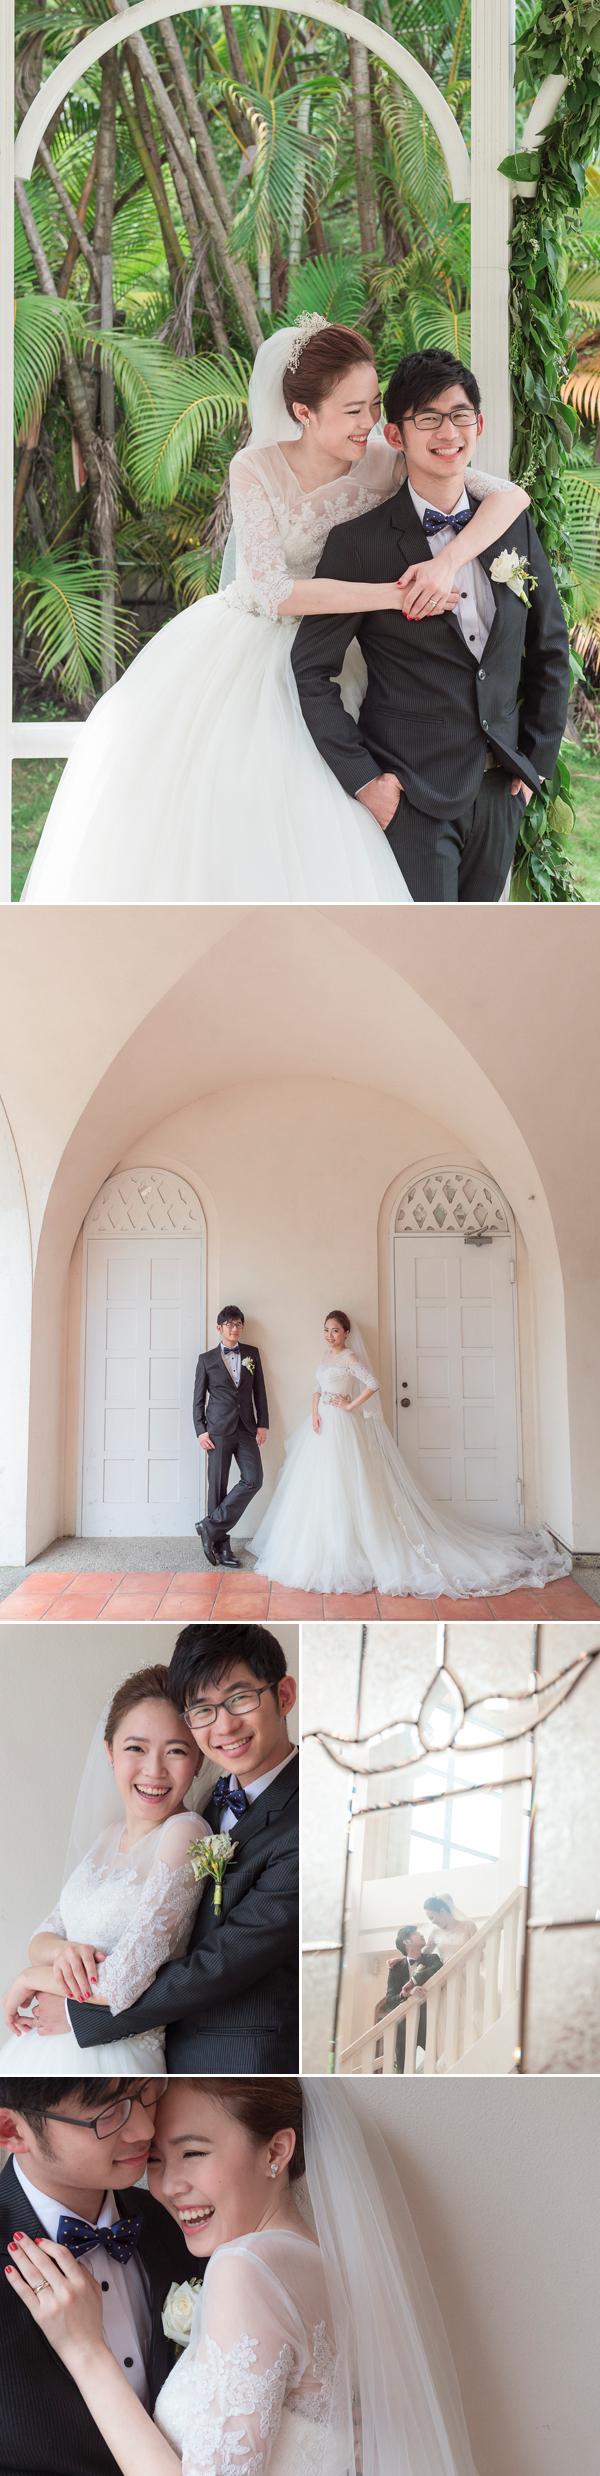 專訪|充滿創意驚喜的綠色草地 戶外婚禮 ! (Roger Wu 拍攝)